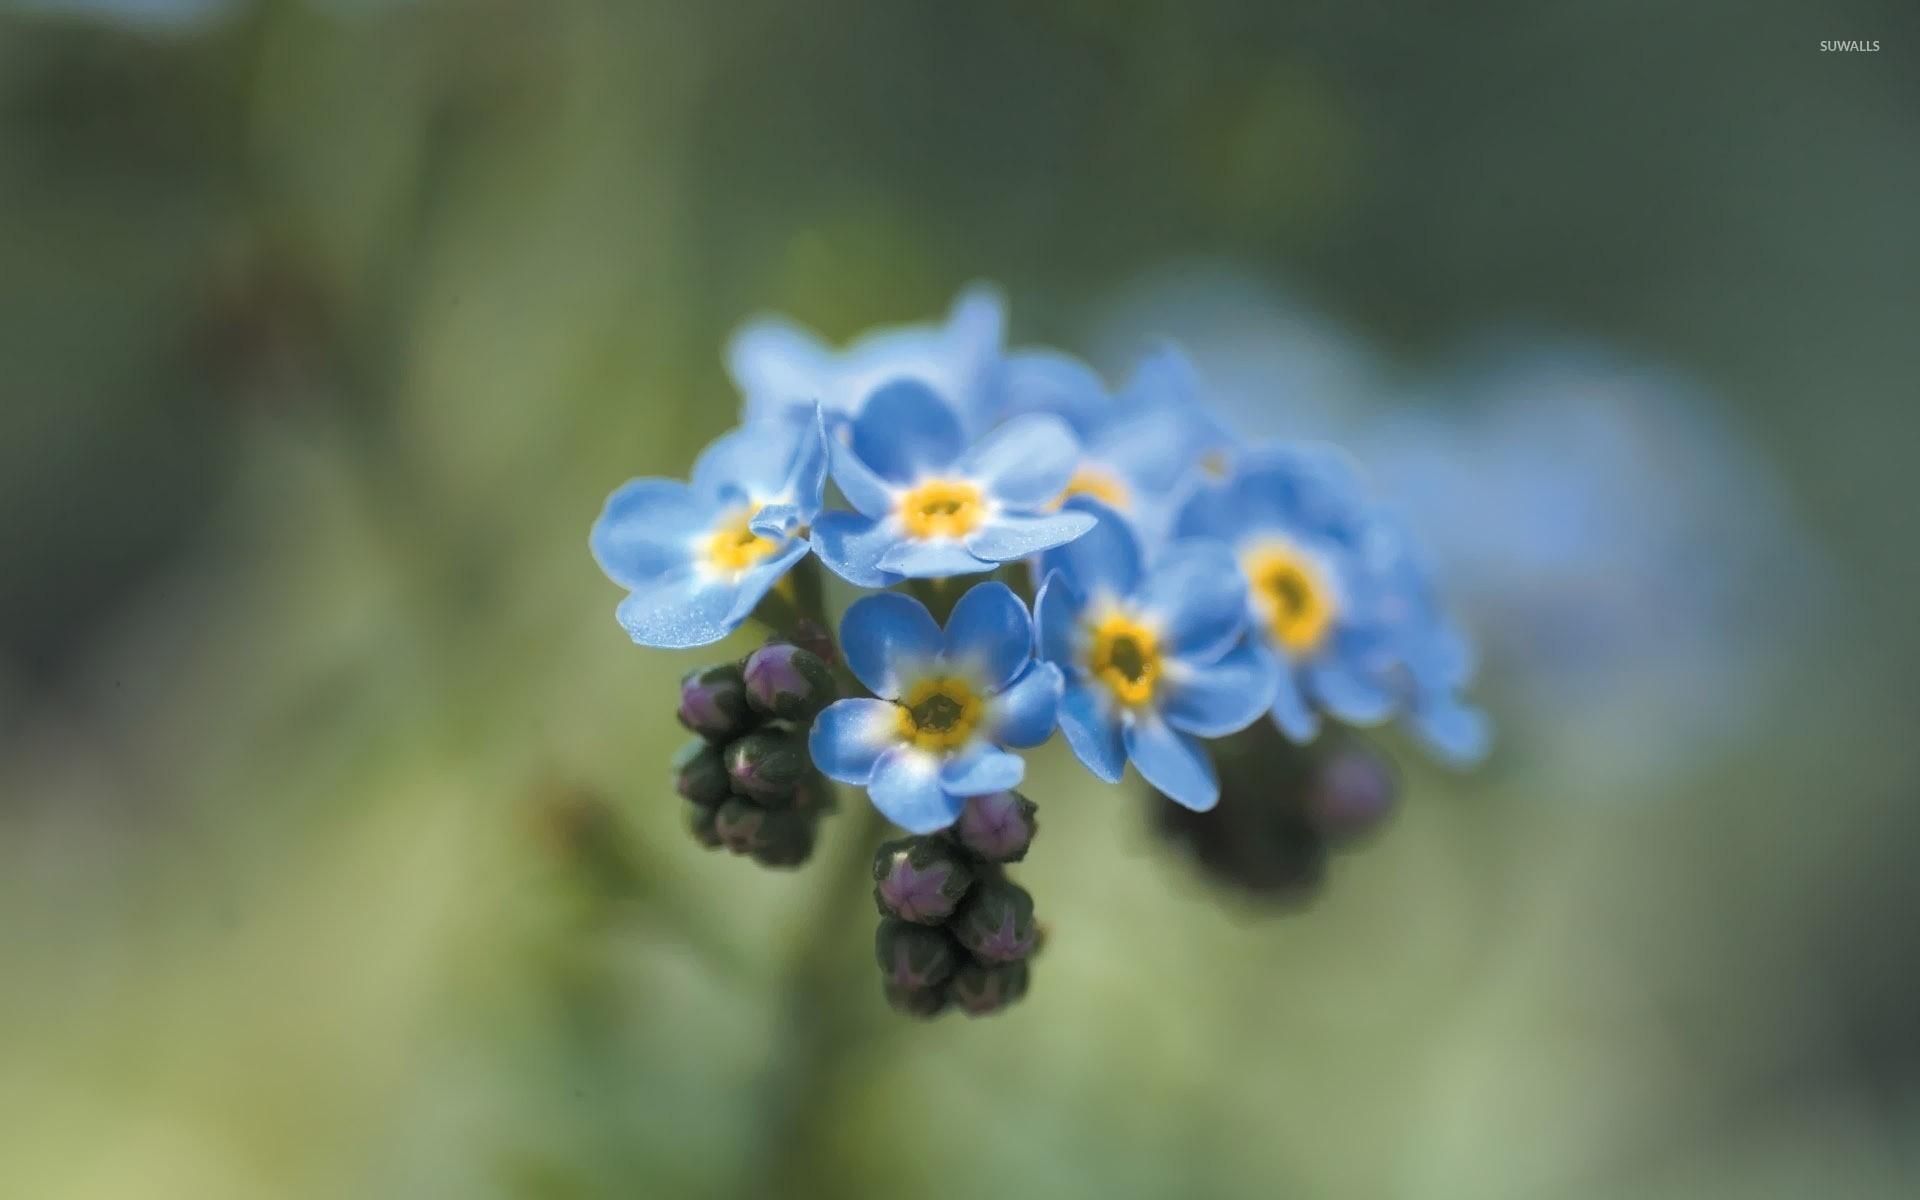 синие цветы незабудки крупный план роса  № 2779693 загрузить